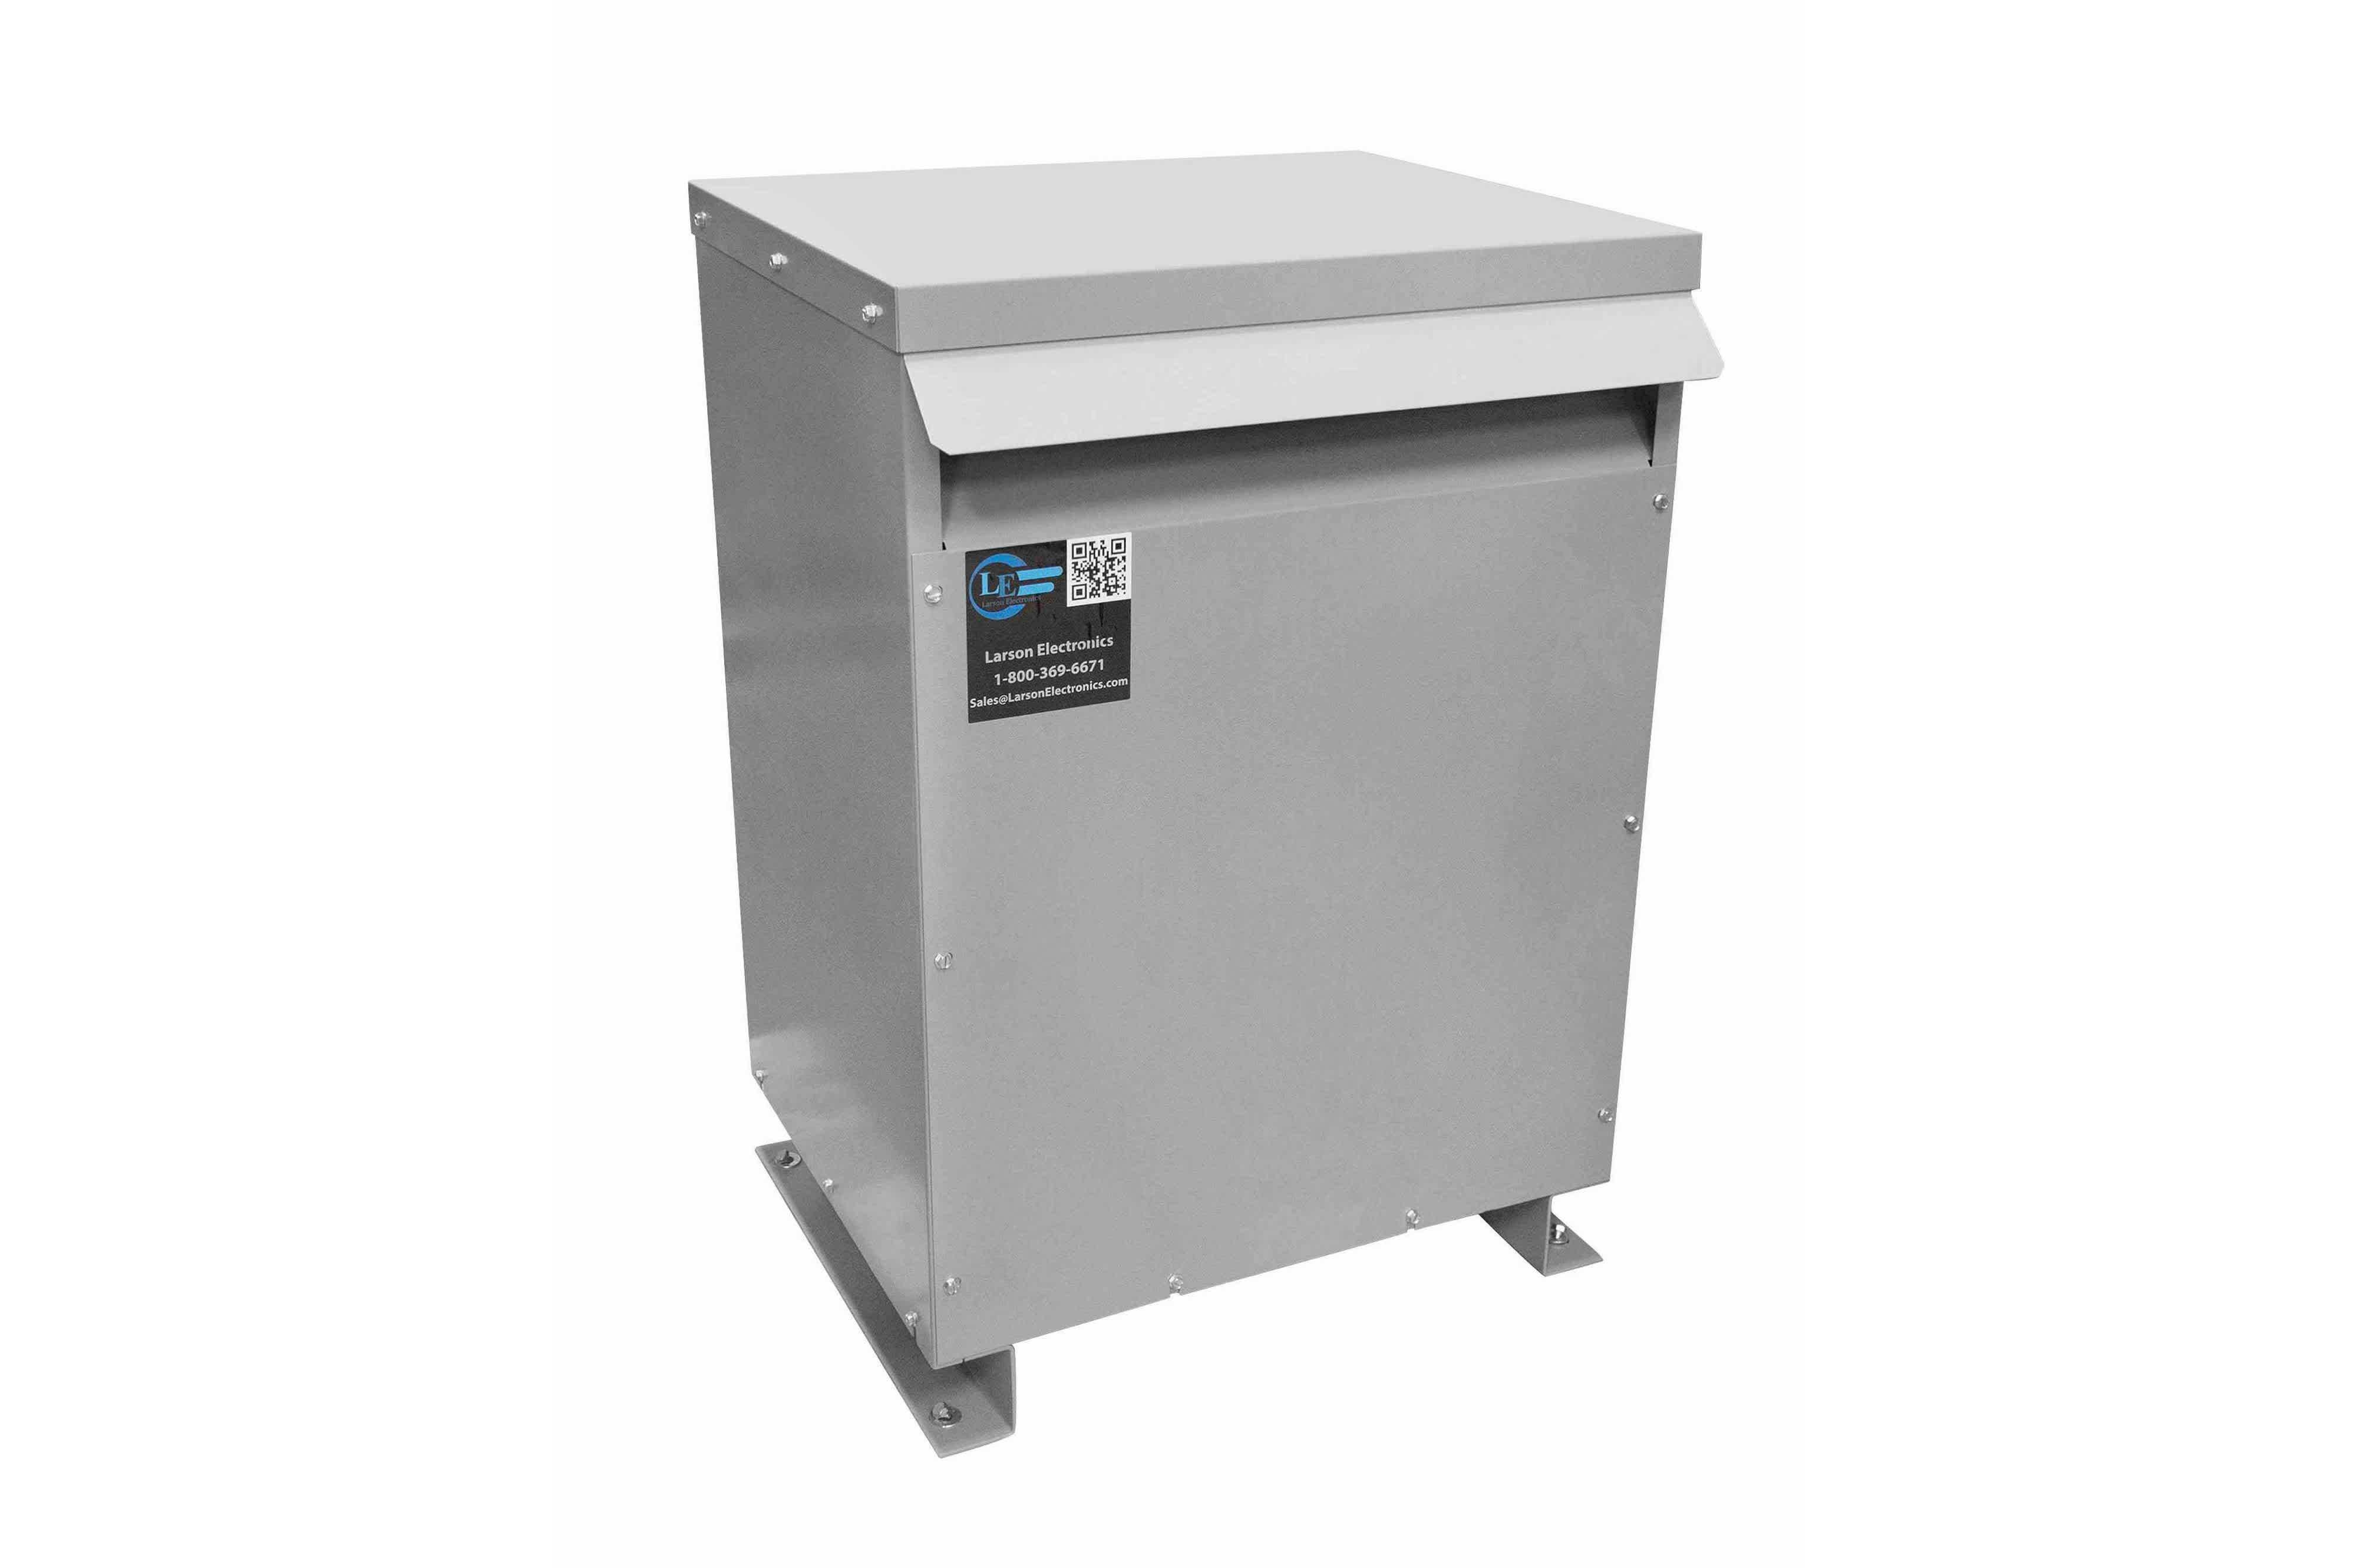 137.5 kVA 3PH Isolation Transformer, 240V Delta Primary, 400V Delta Secondary, N3R, Ventilated, 60 Hz